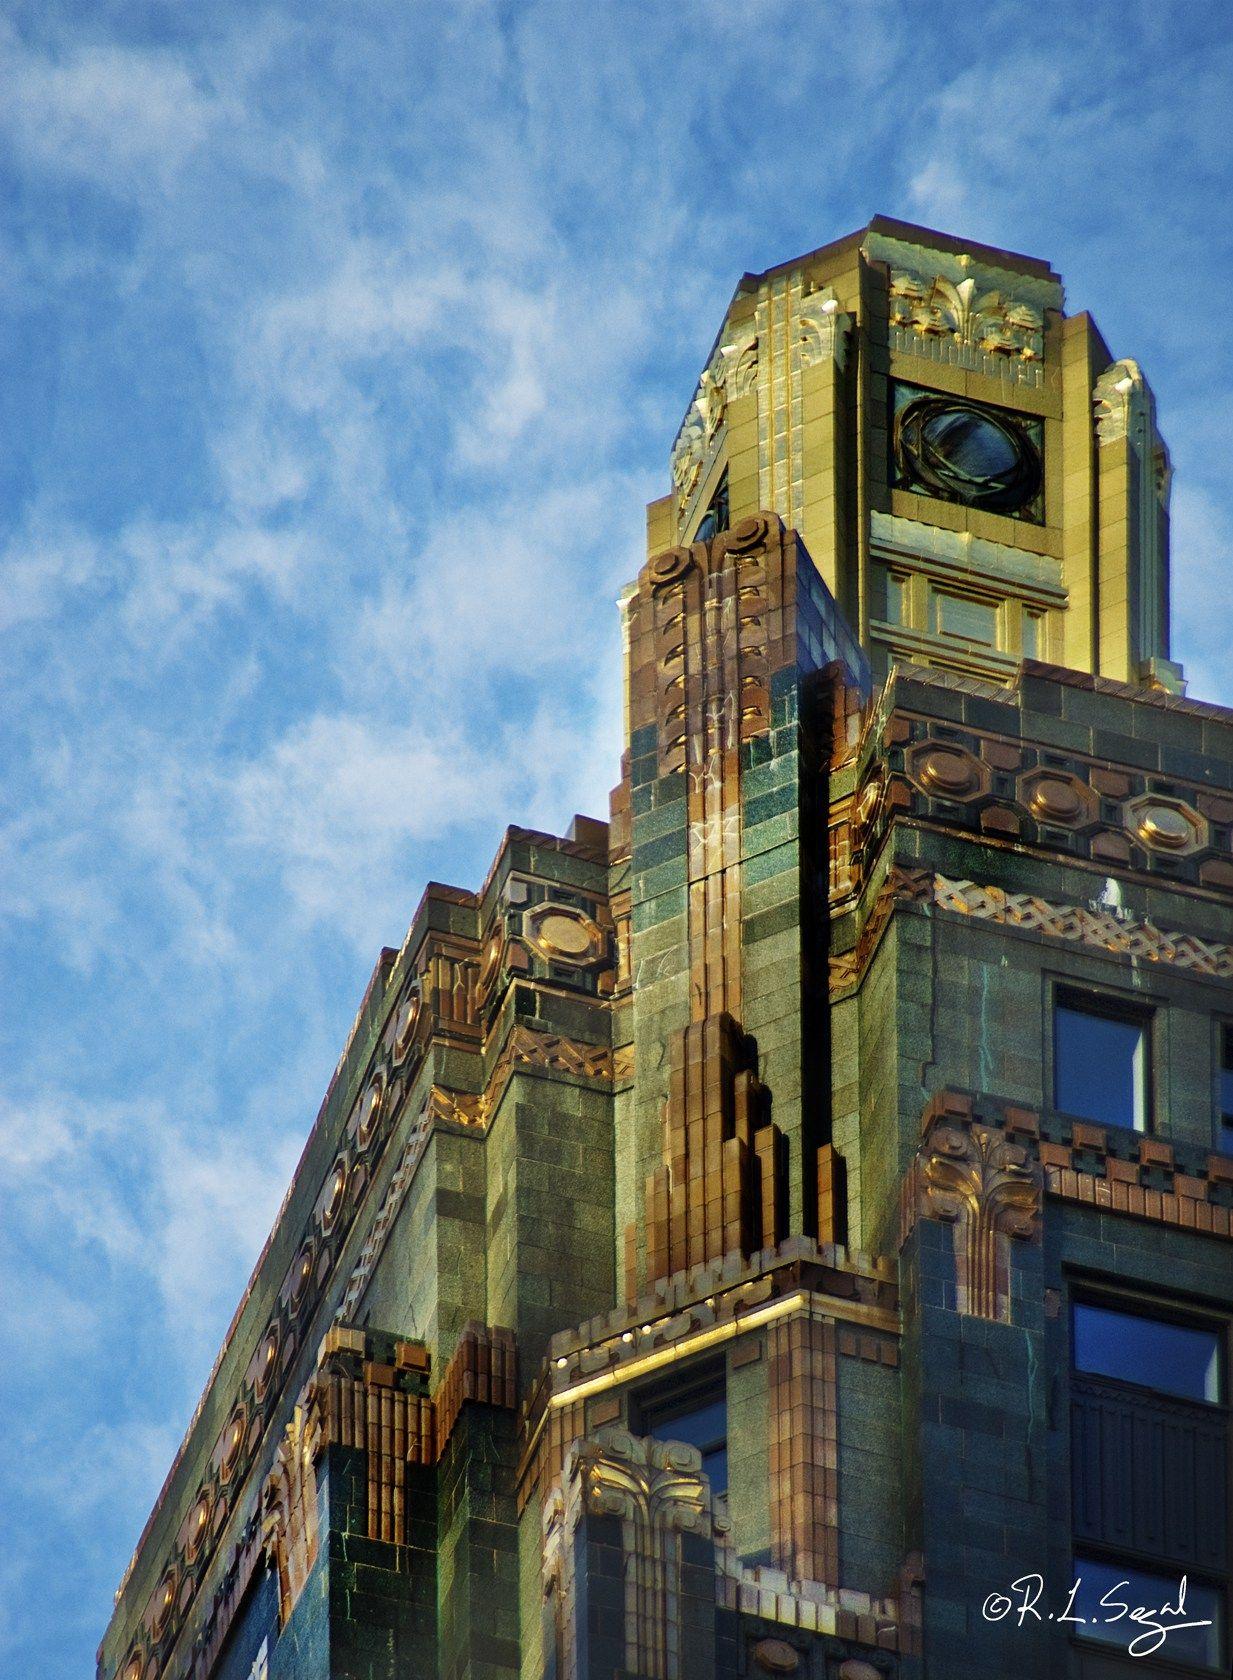 Art Deco   Art deco stil, Kunst und architektur, Jugendstil